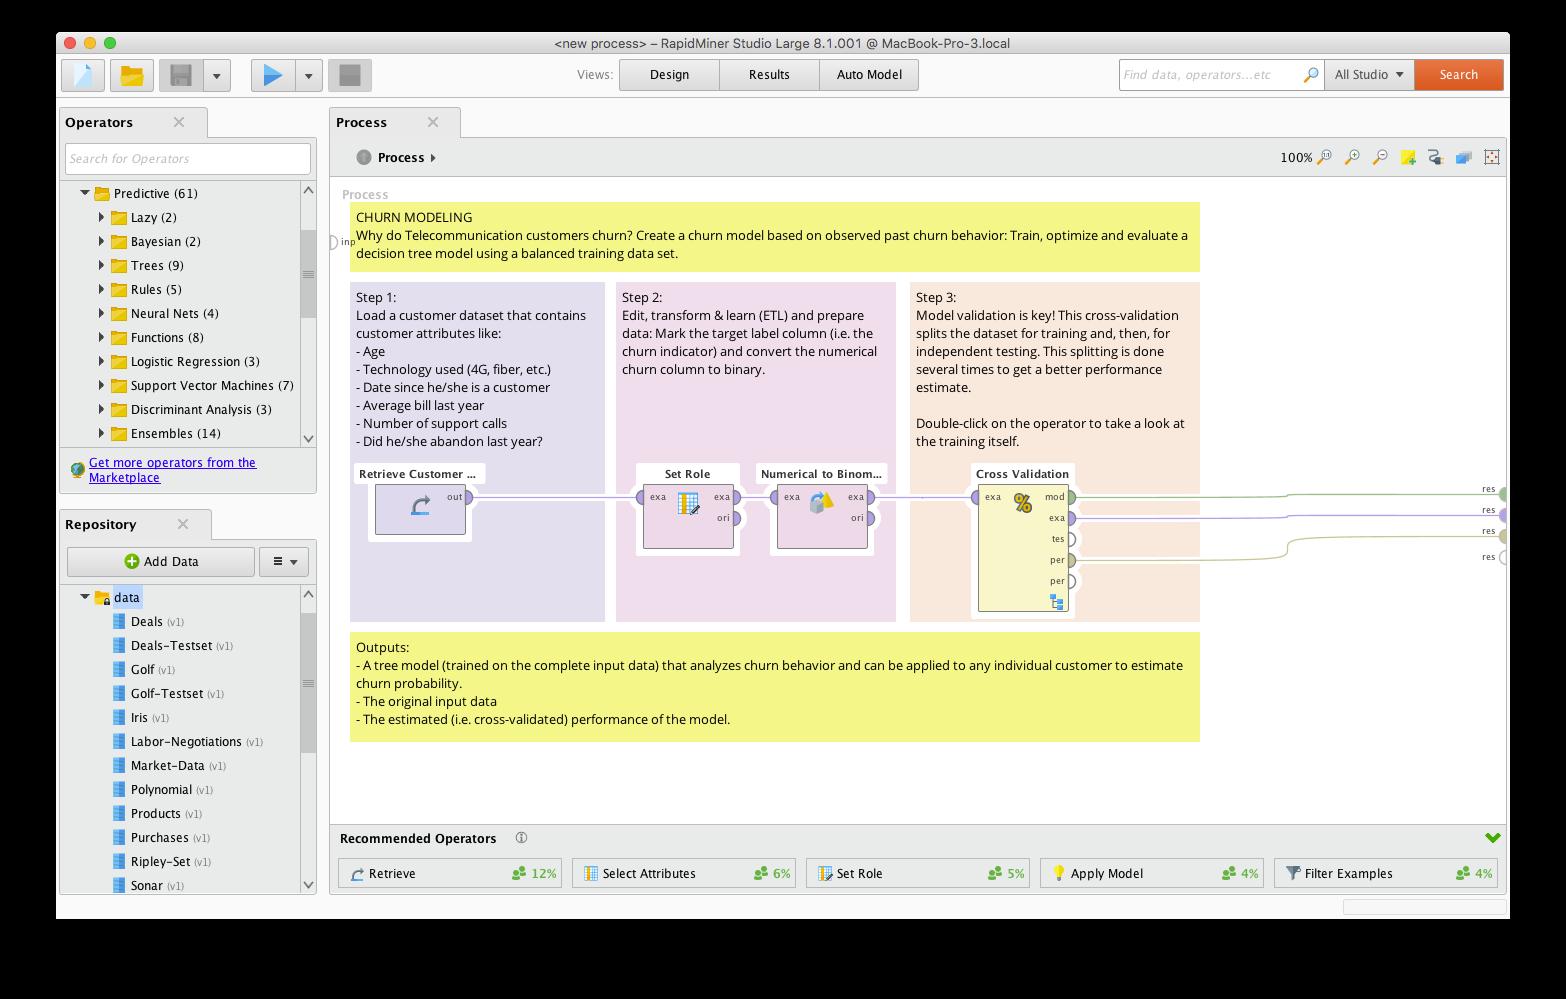 Построение модели поточной аналитики в программном обеспечении RapidMiner